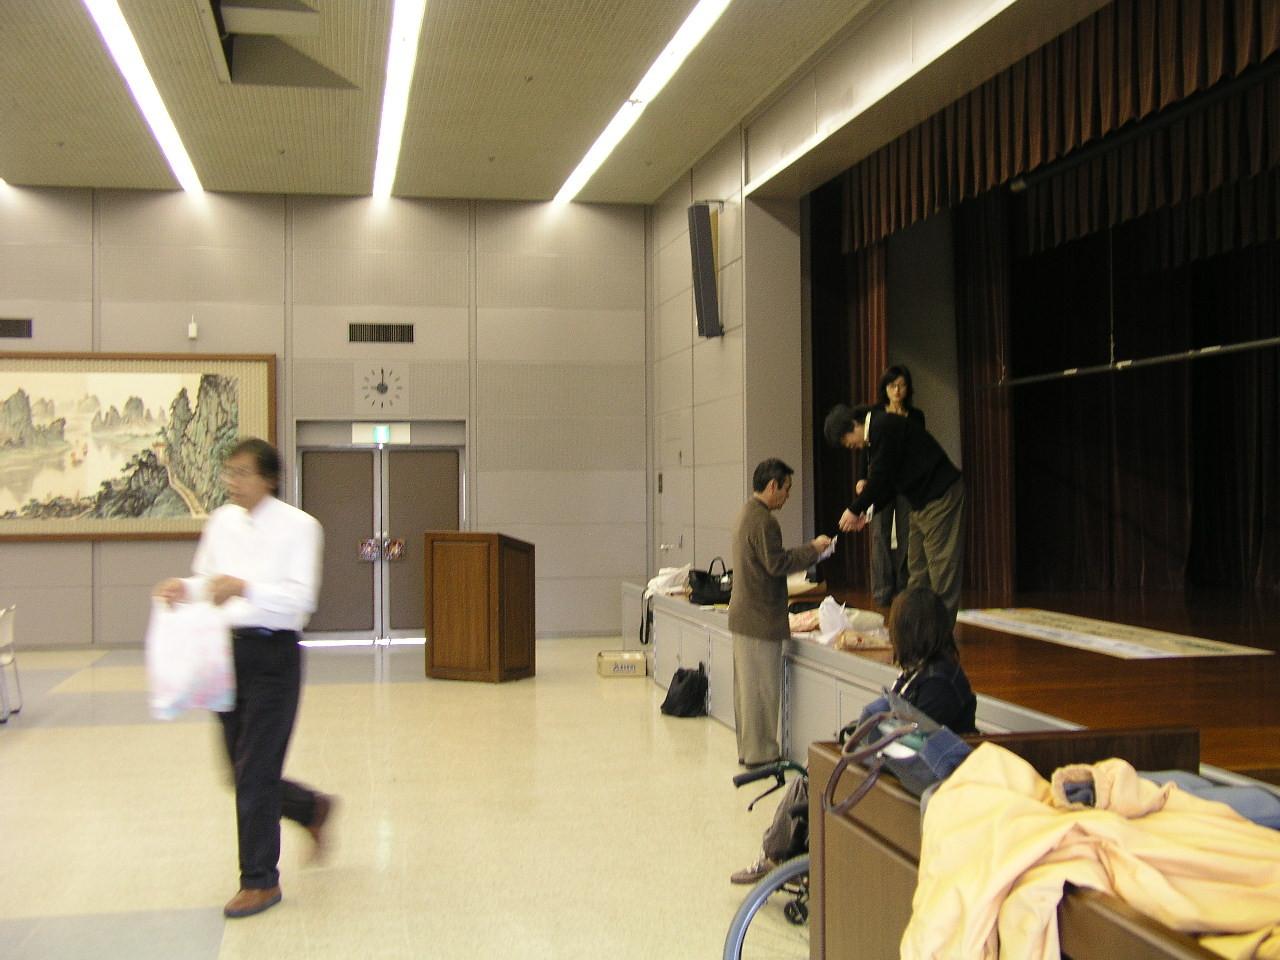 ヒューマンネットワーク熊本・バリアフリーデザイン研究会早朝から準備中です